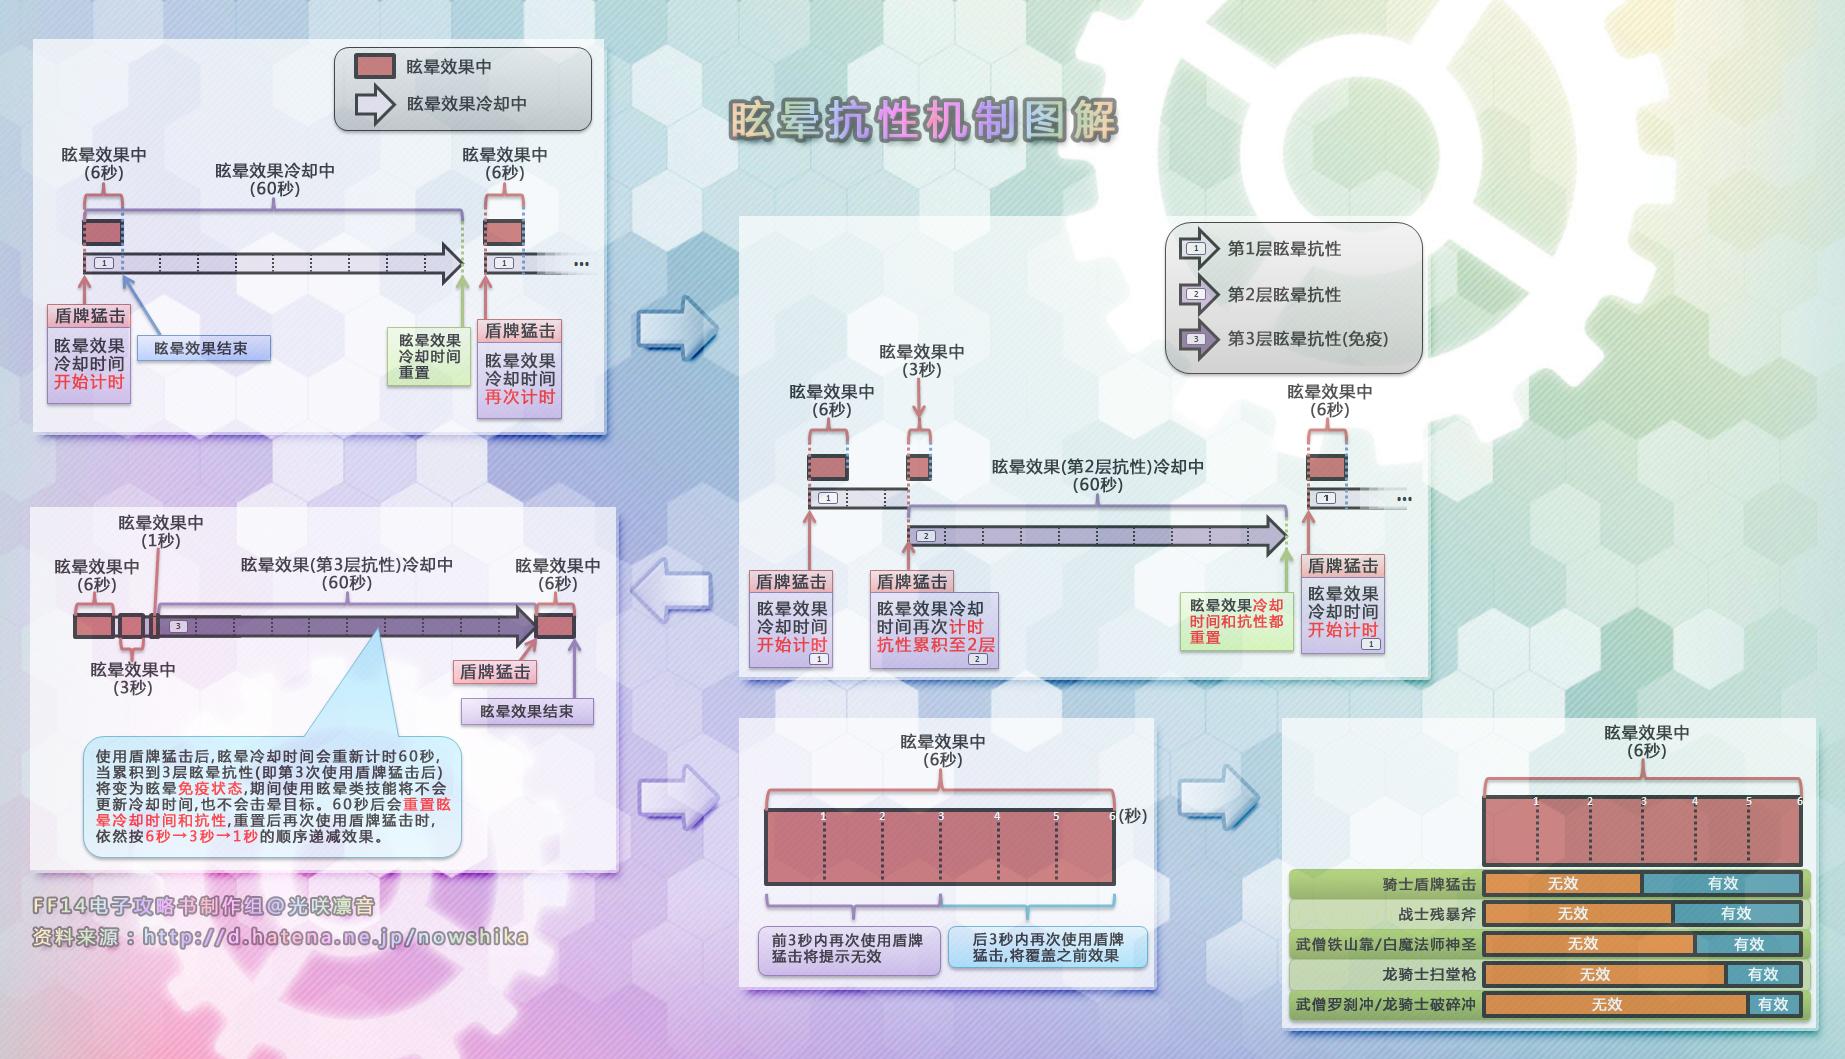 《最终幻想14》眩晕抗性机制详解攻略